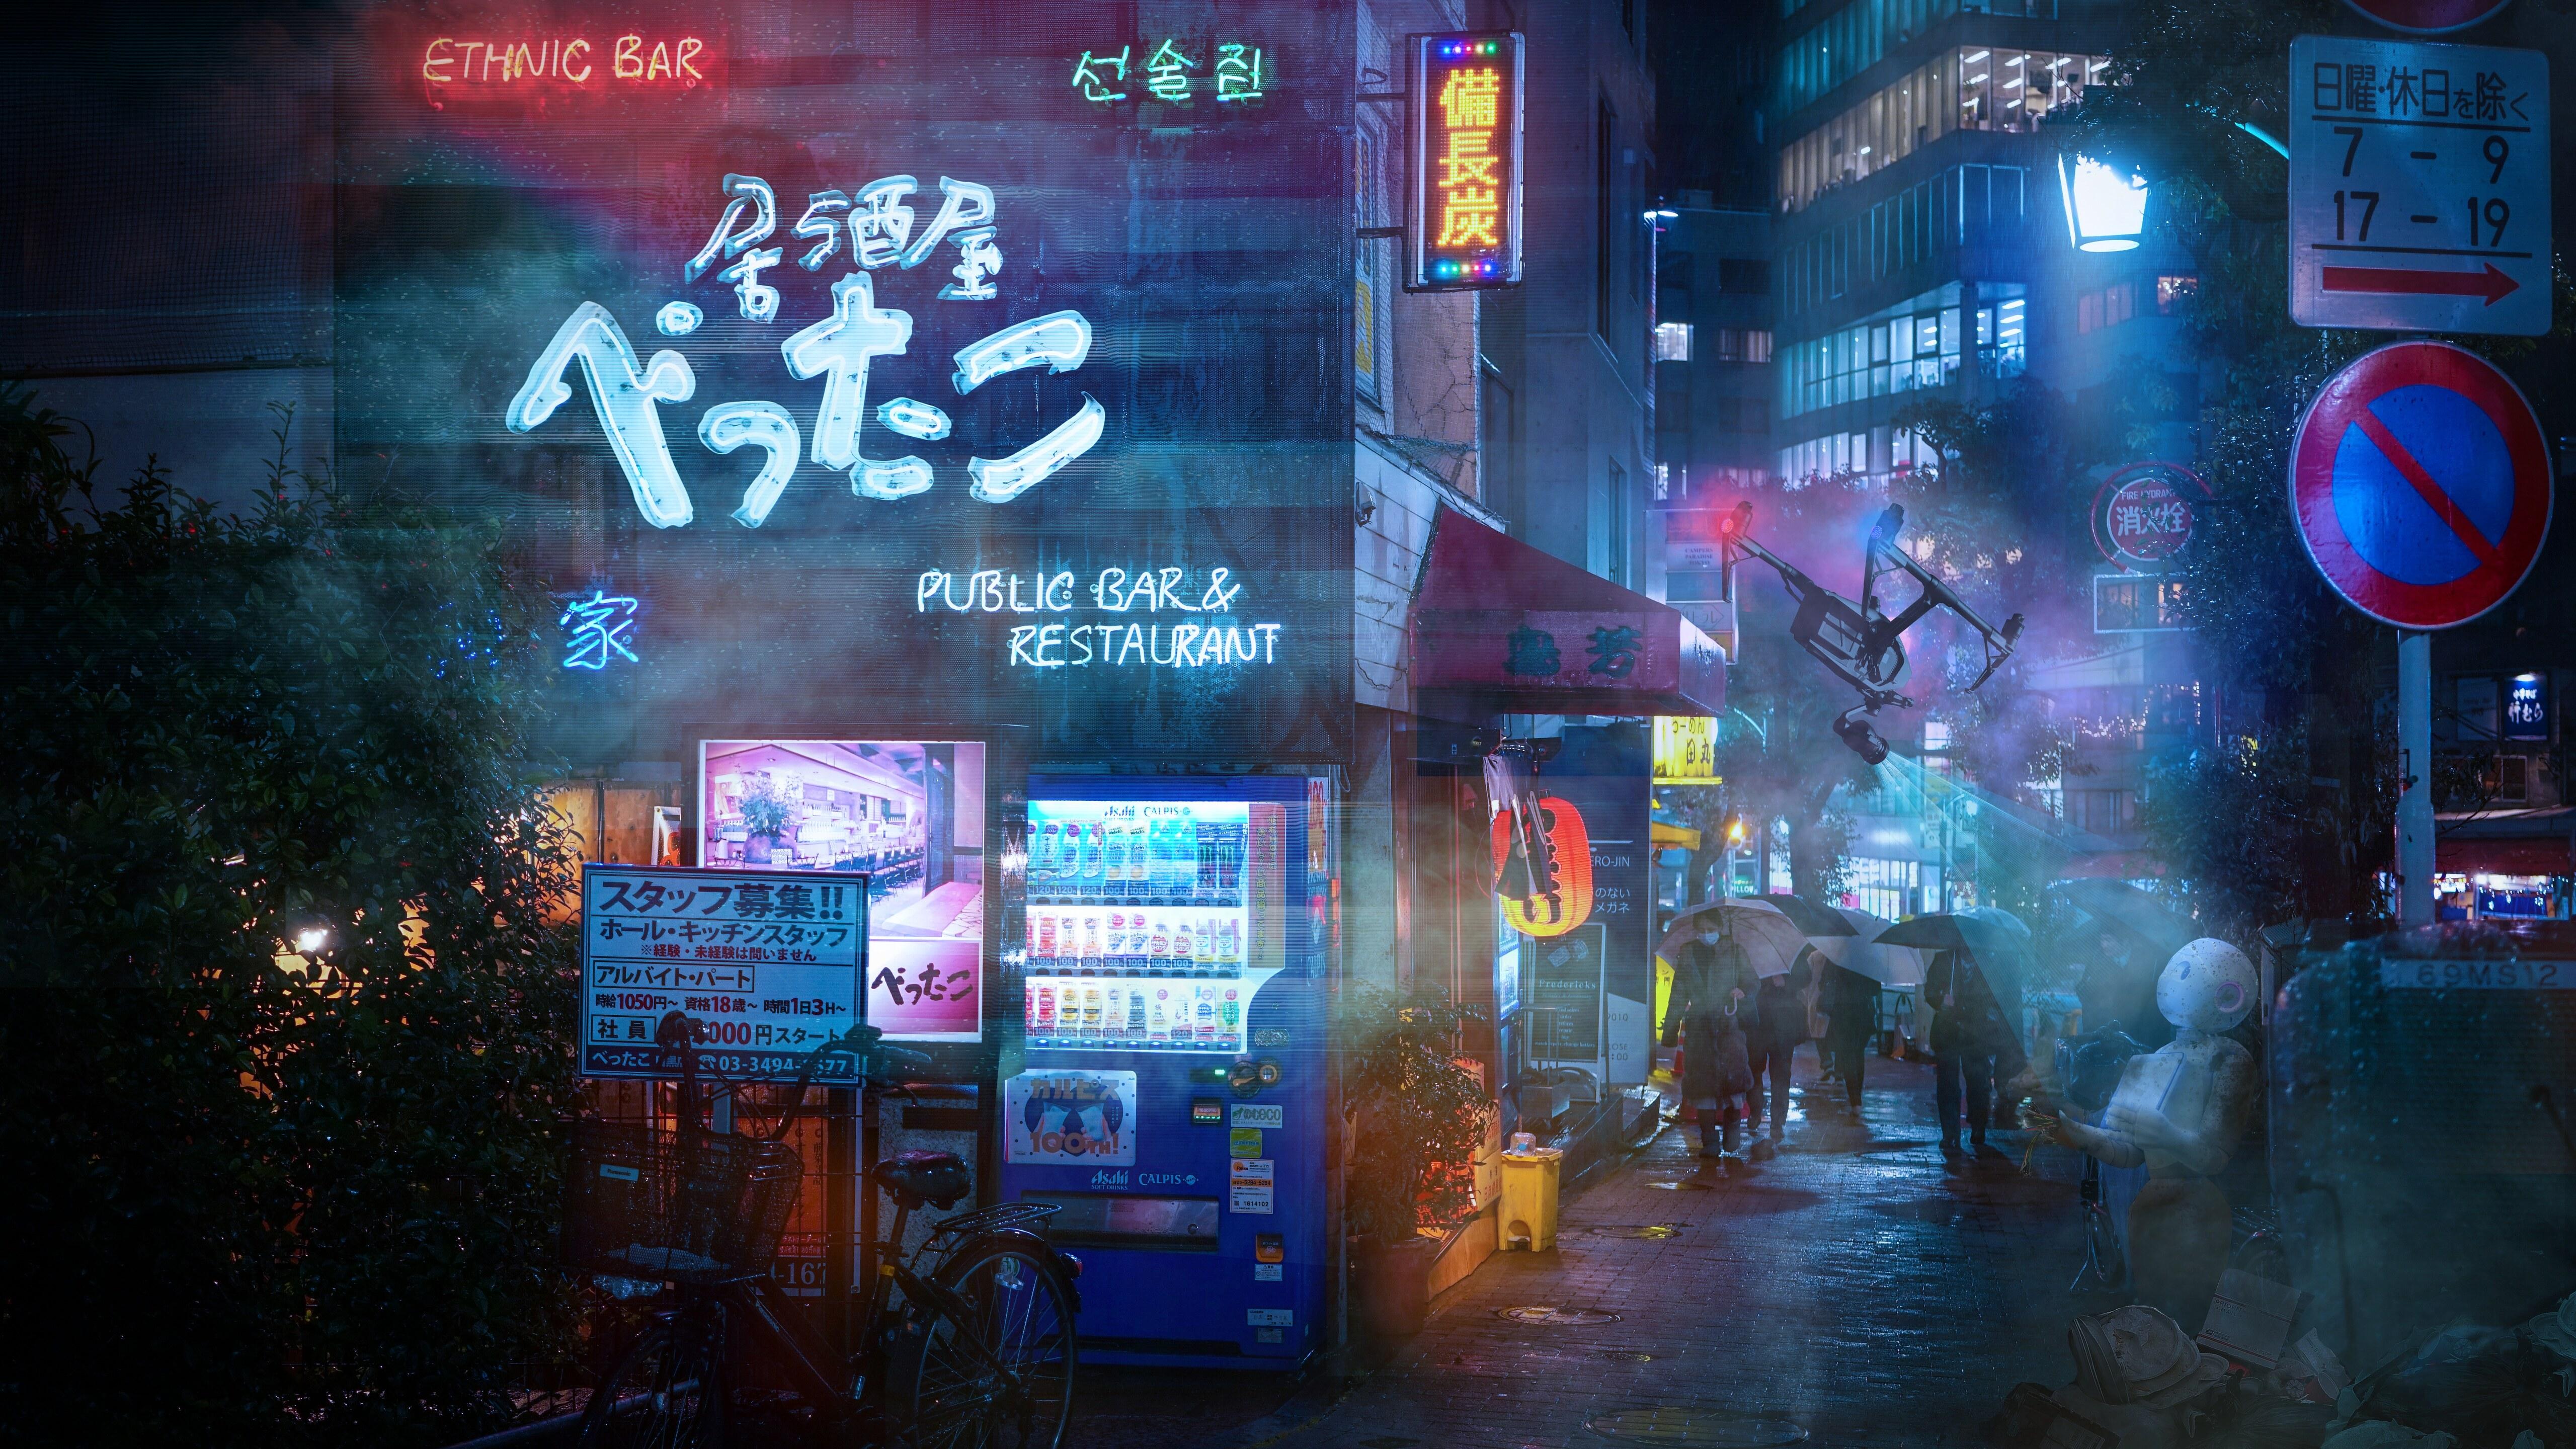 scifi-city-8k-iz.jpg